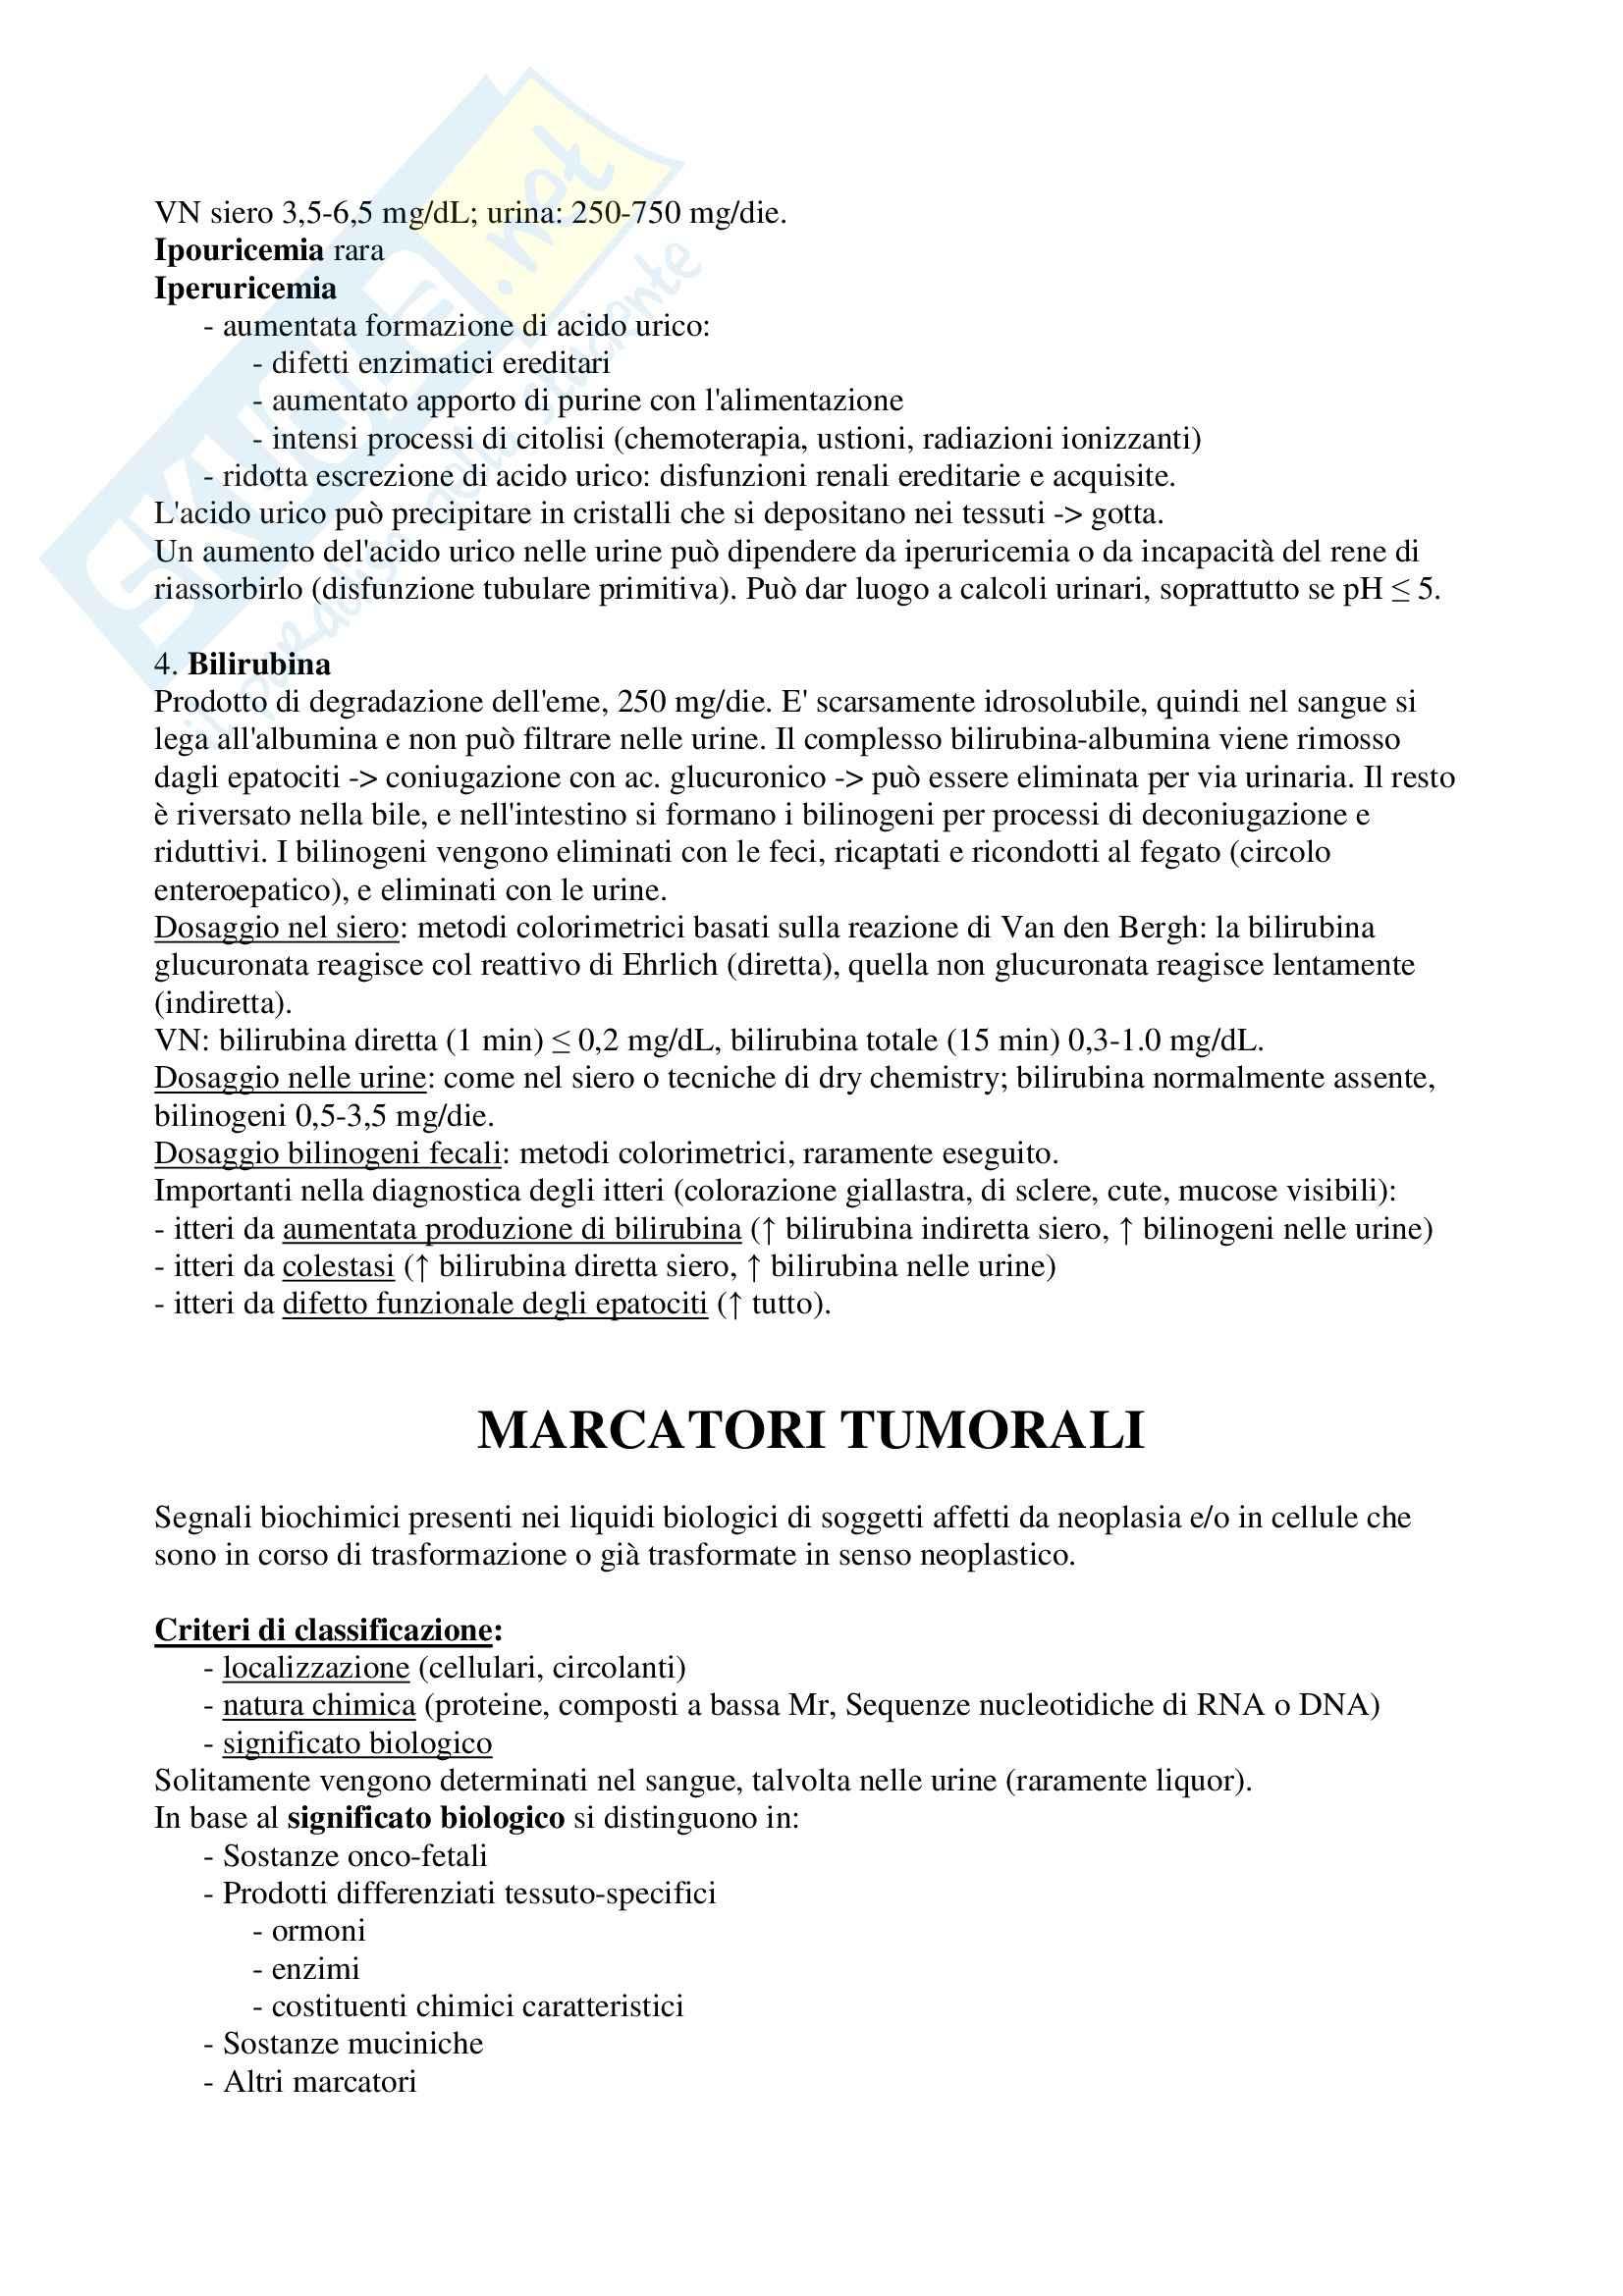 Biochimica clinica - Riassunto esame Pag. 11